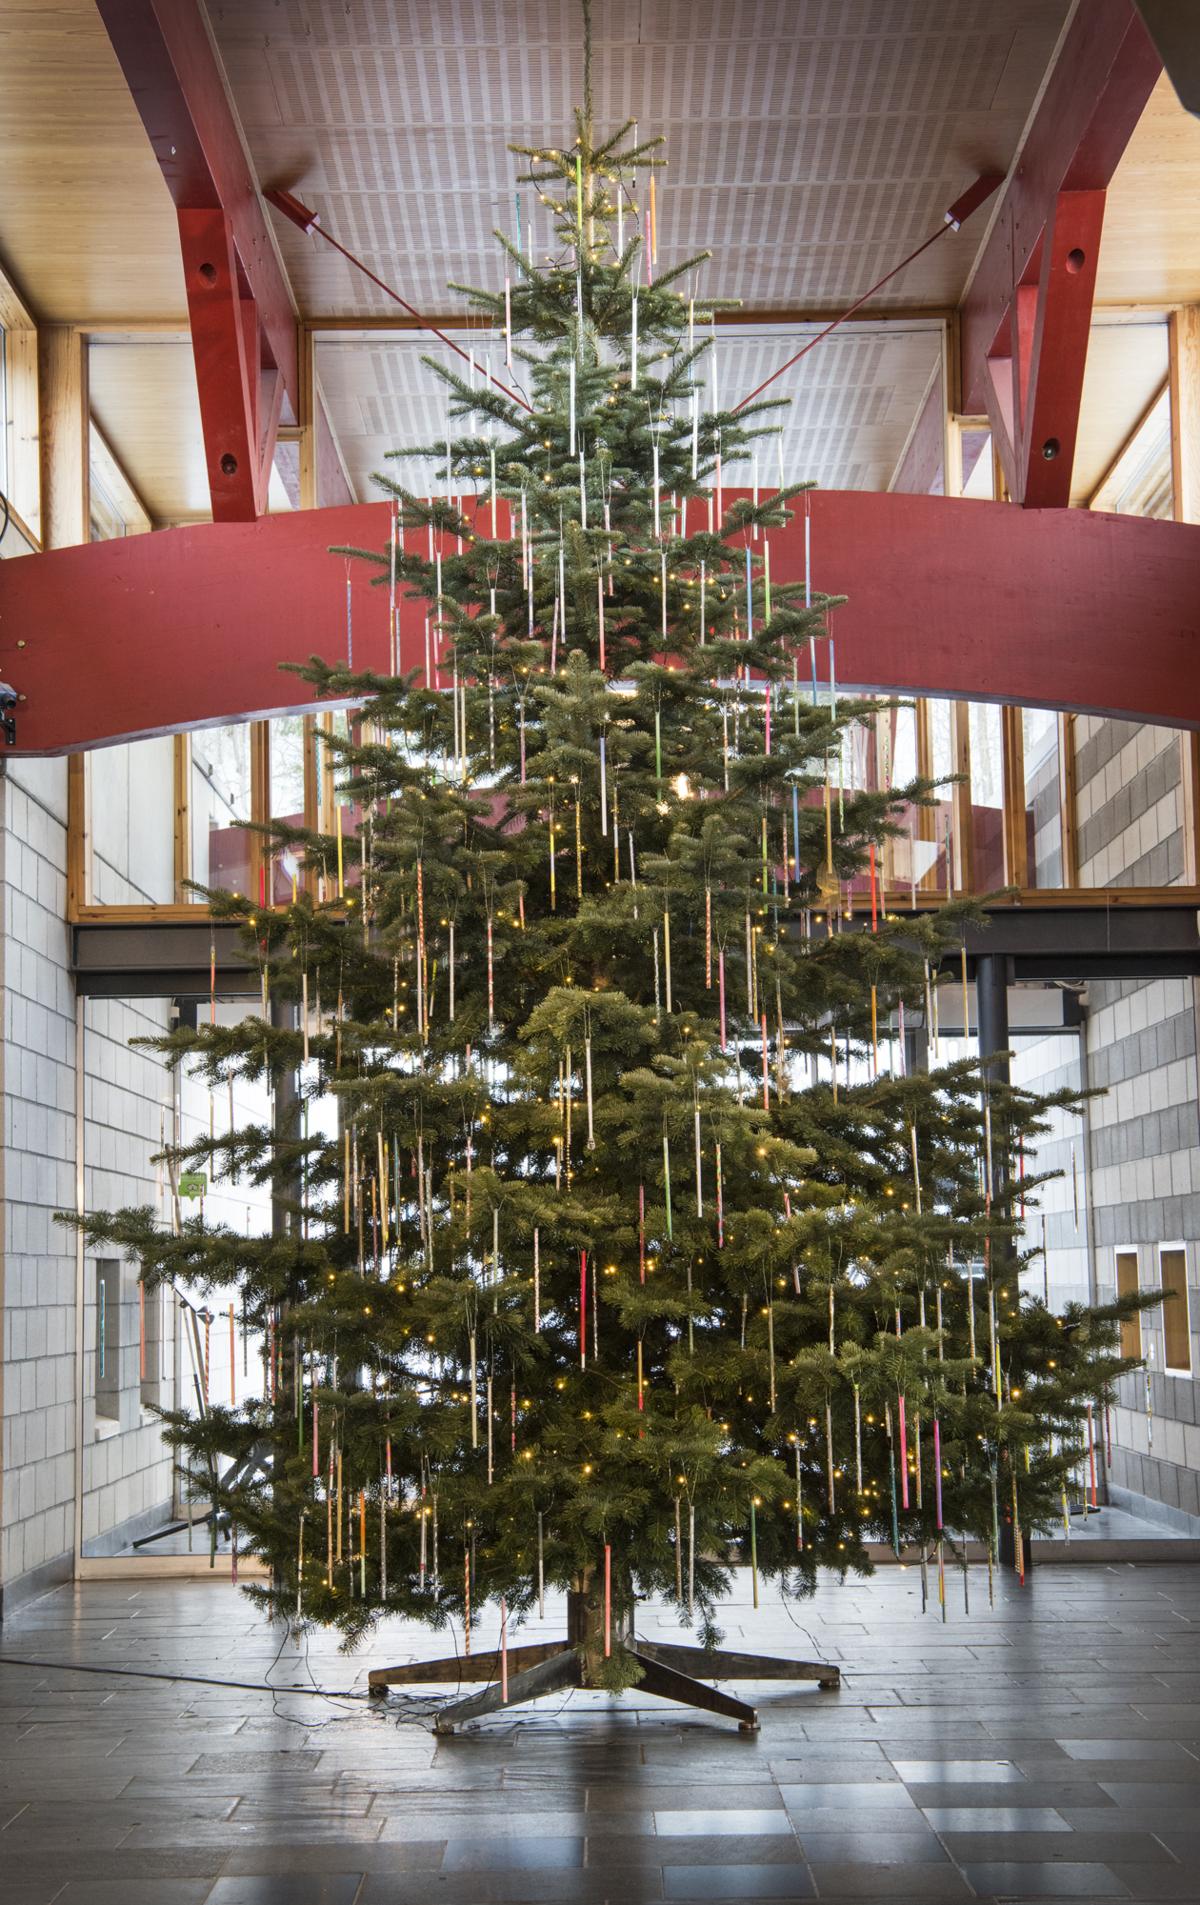 Stort juletre pyntet med lange tynne glassrør i ulike farger.